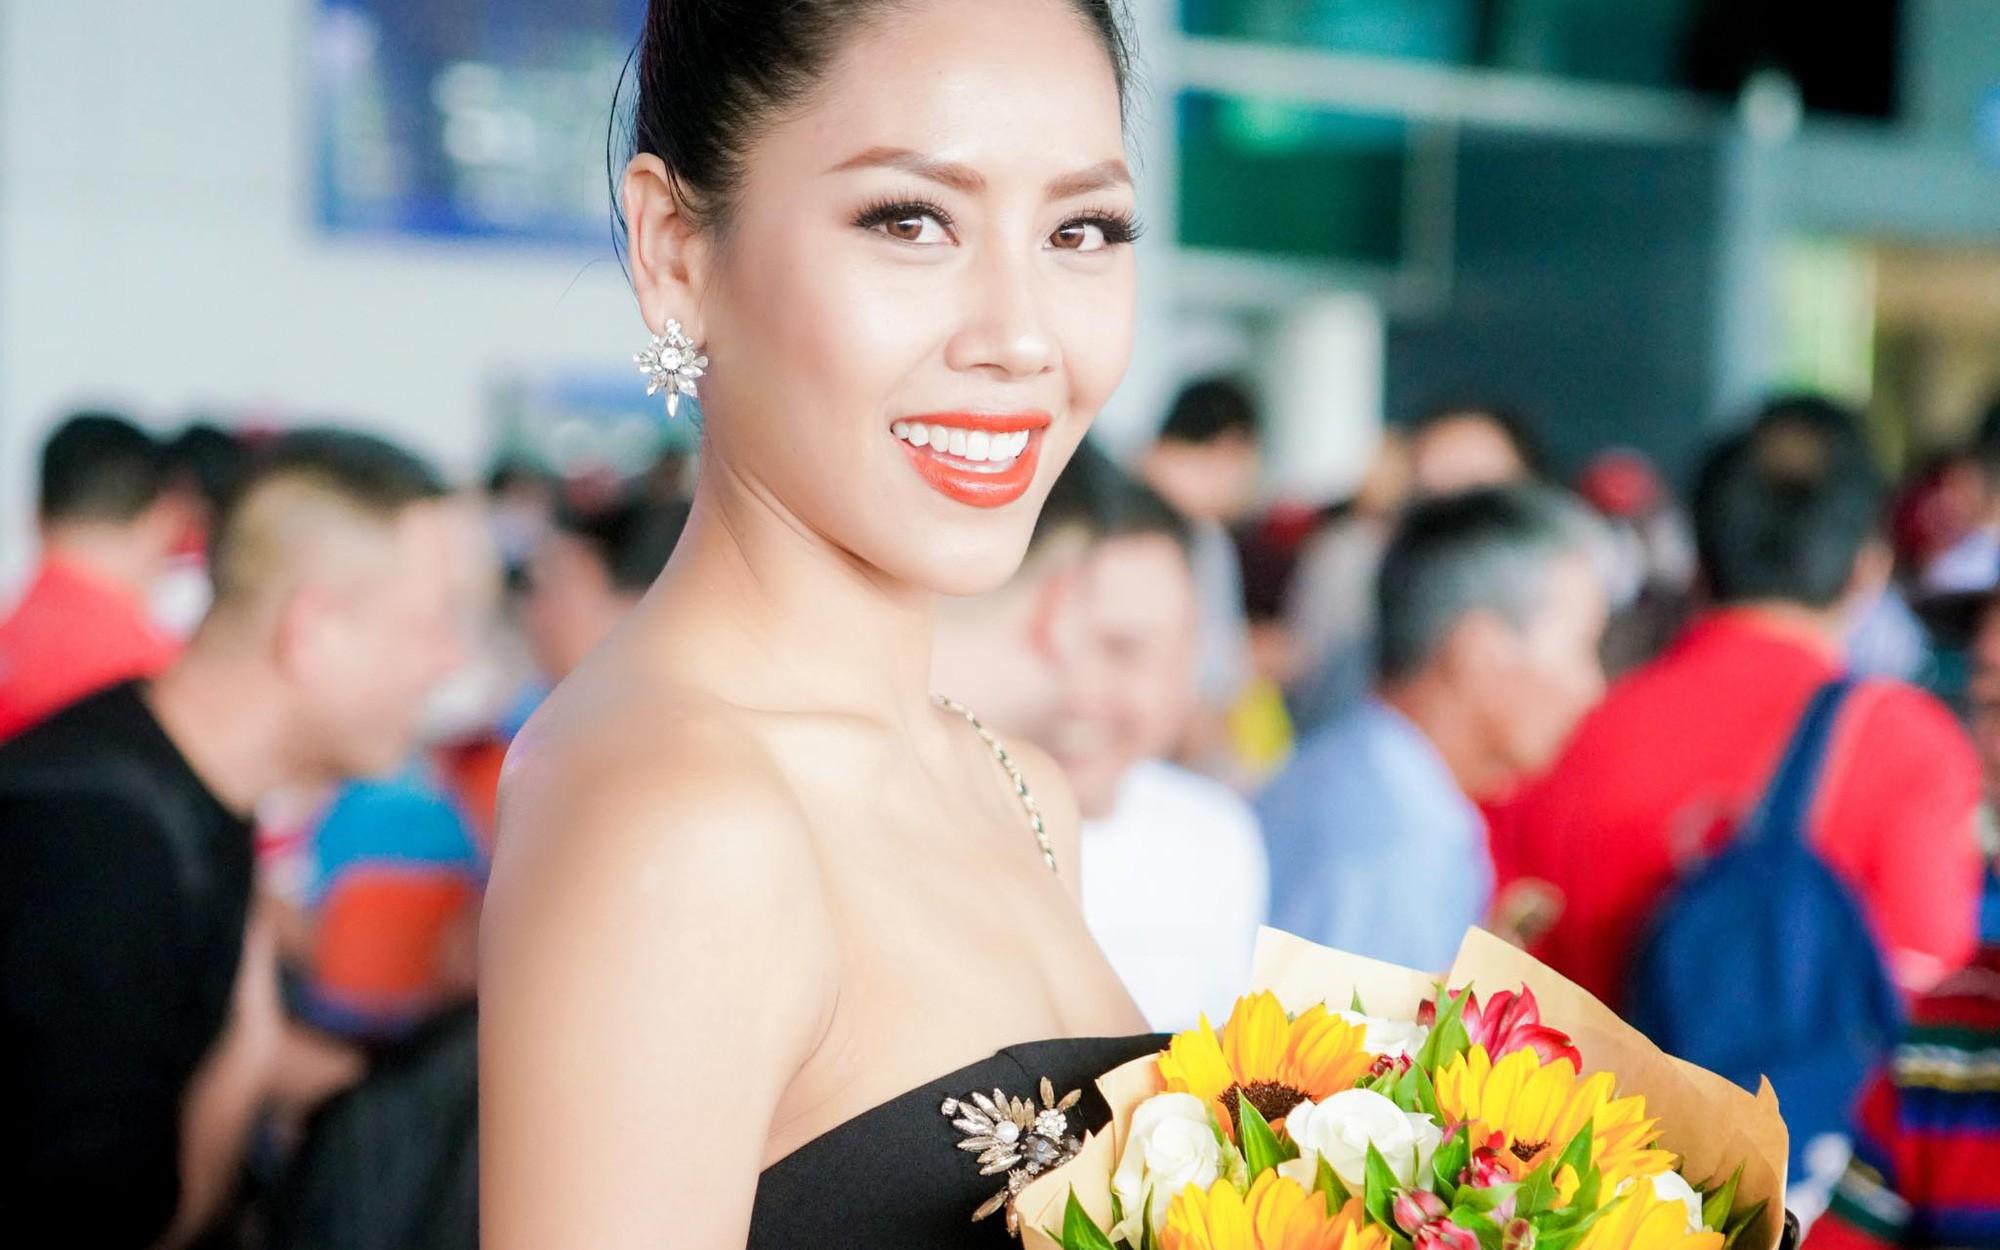 Á hậu Nguyễn Thị Loan diện váy quây gợi cảm trở về nước sau cuộc thi Miss Universe 2017